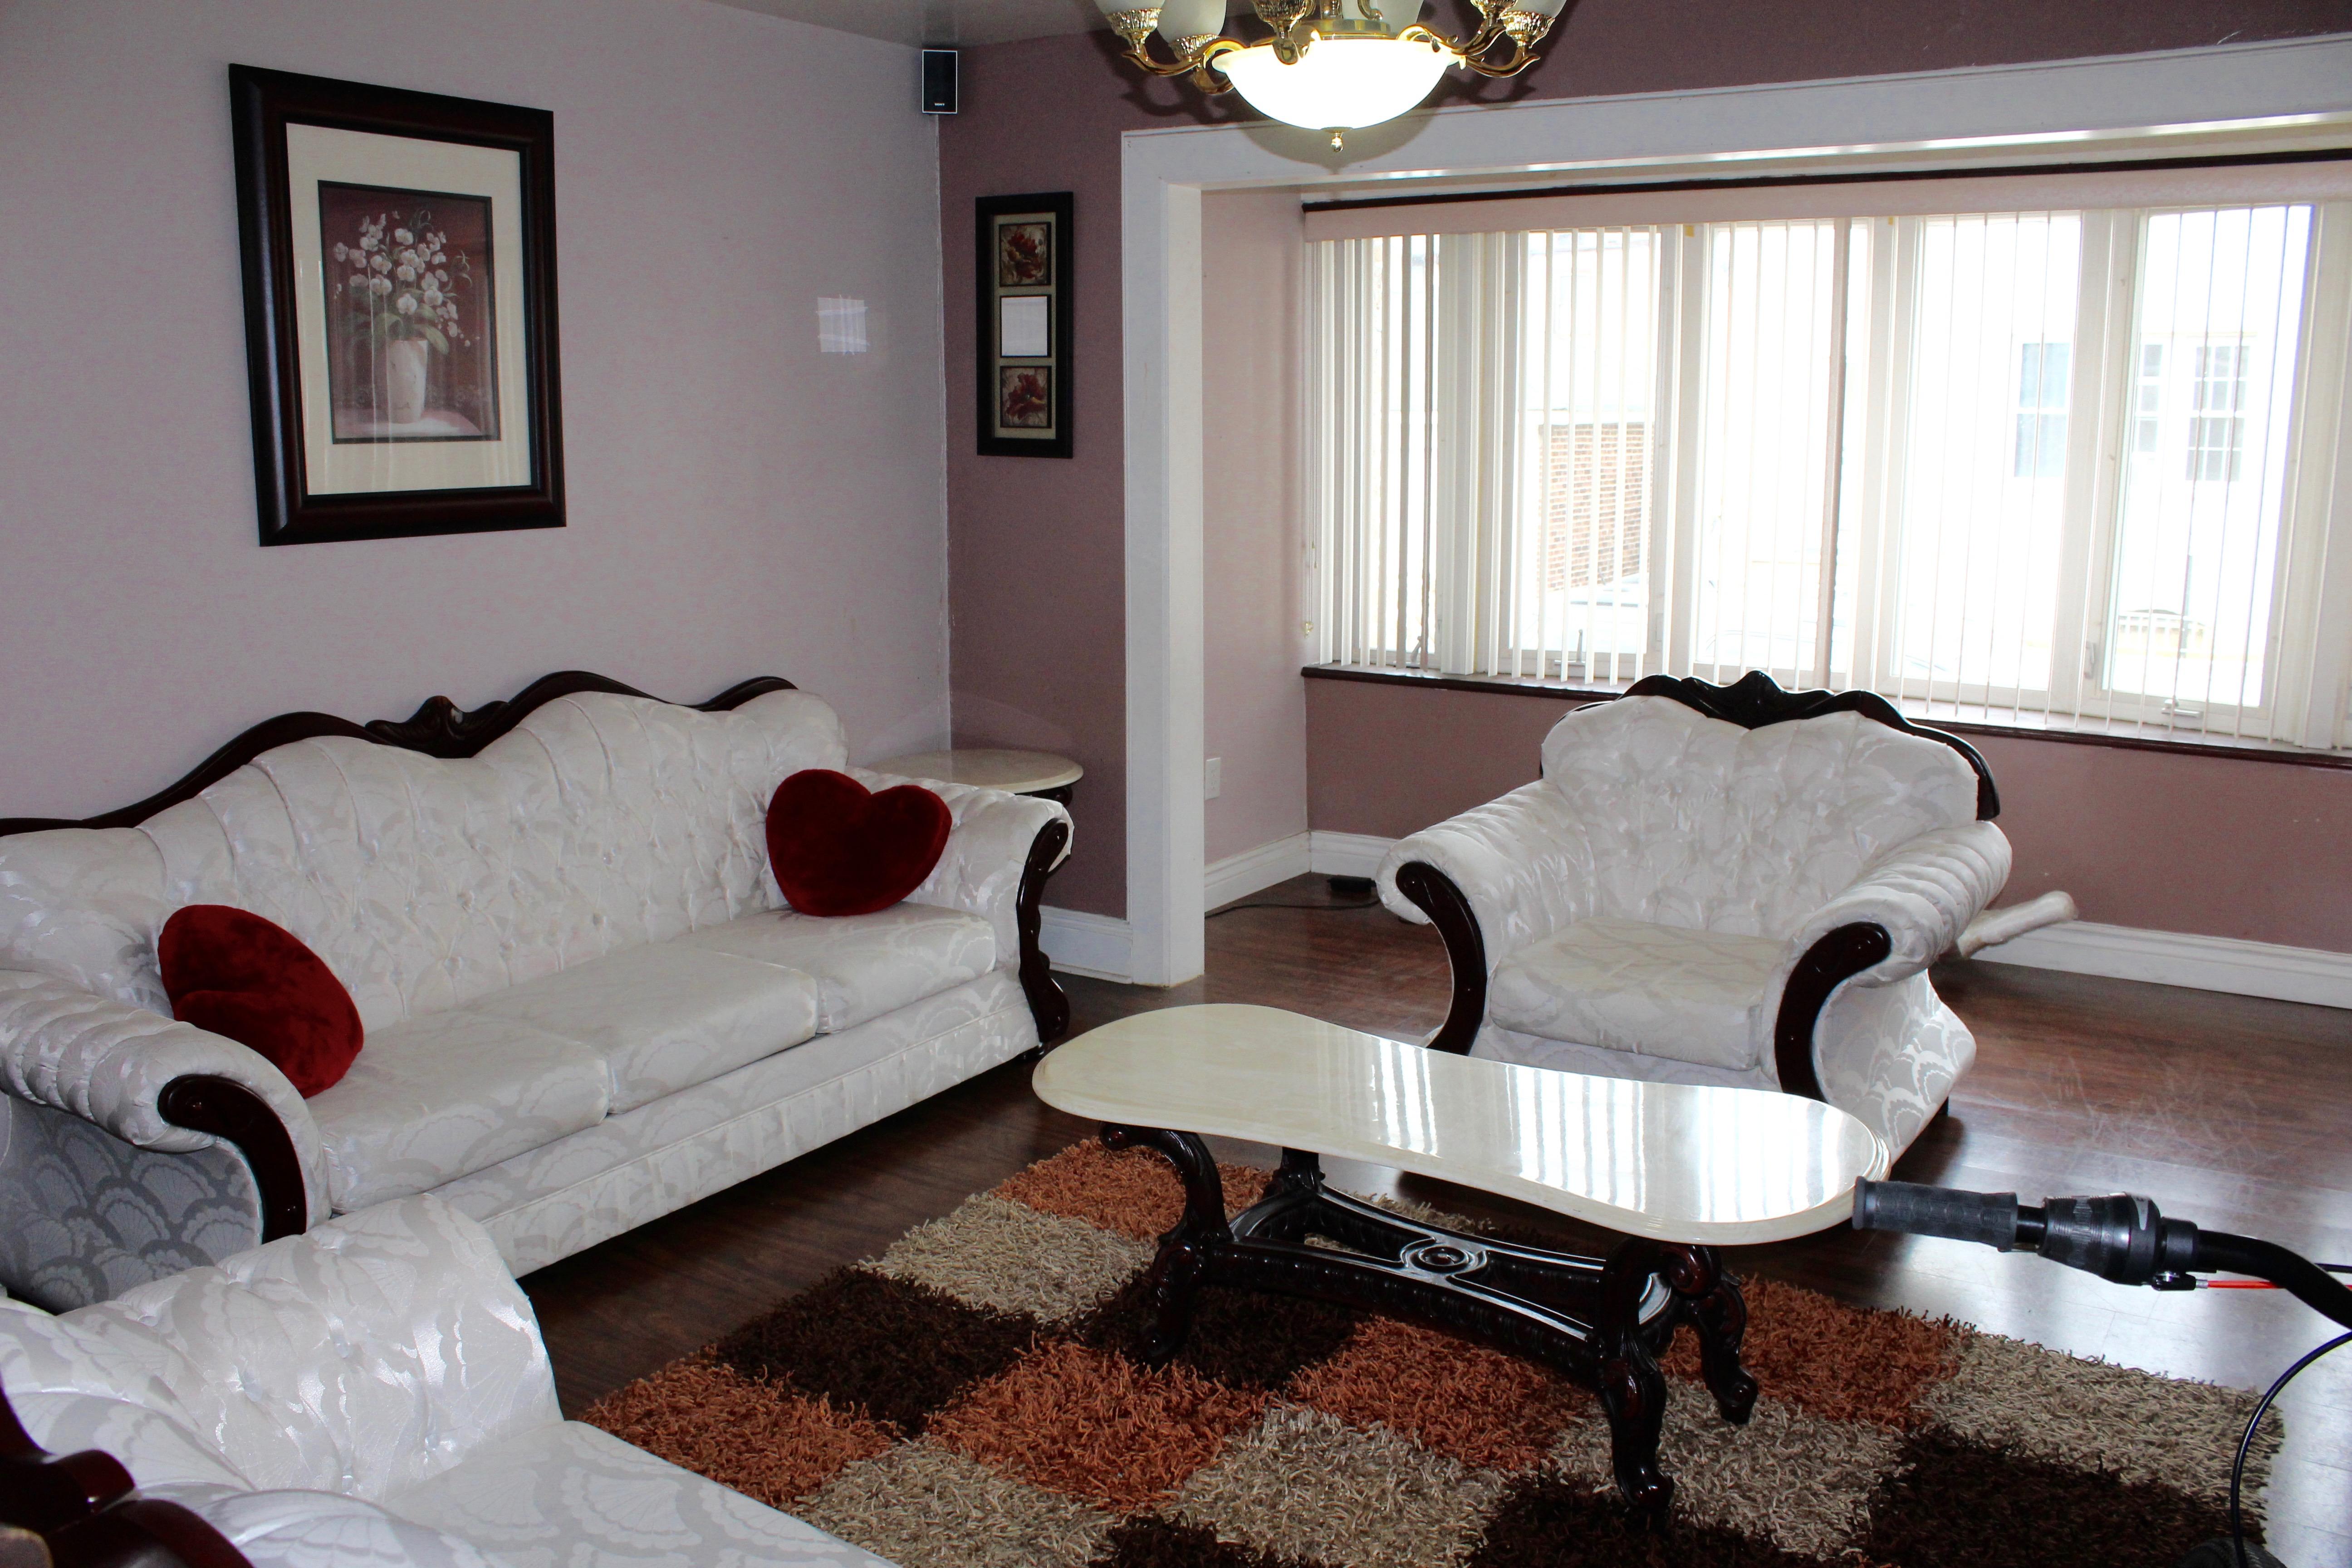 Квартира для того Аренда на Racetrack Area of North Bergen 7610 4th Ave., 1st Floor North Bergen, Нью-Джерси 07047 Соединенные Штаты